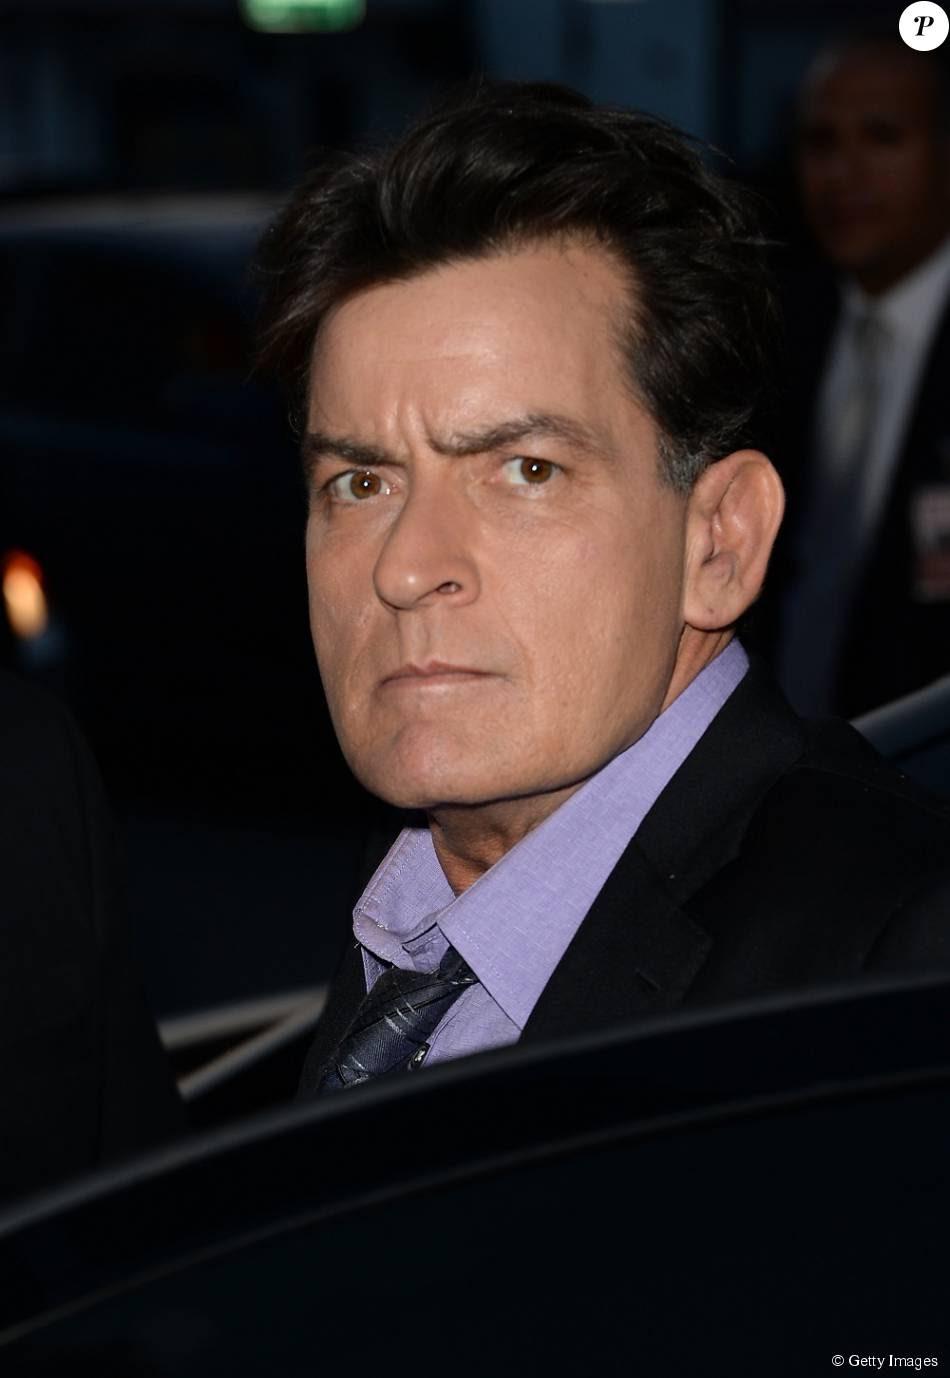 Charlie Sheen já pagou cerca de R$ 37 milhões para impedir que vídeos nos quais ele aparece usando drogas e fazendo sexo com um homem e algumas mulheres fossem divulgados